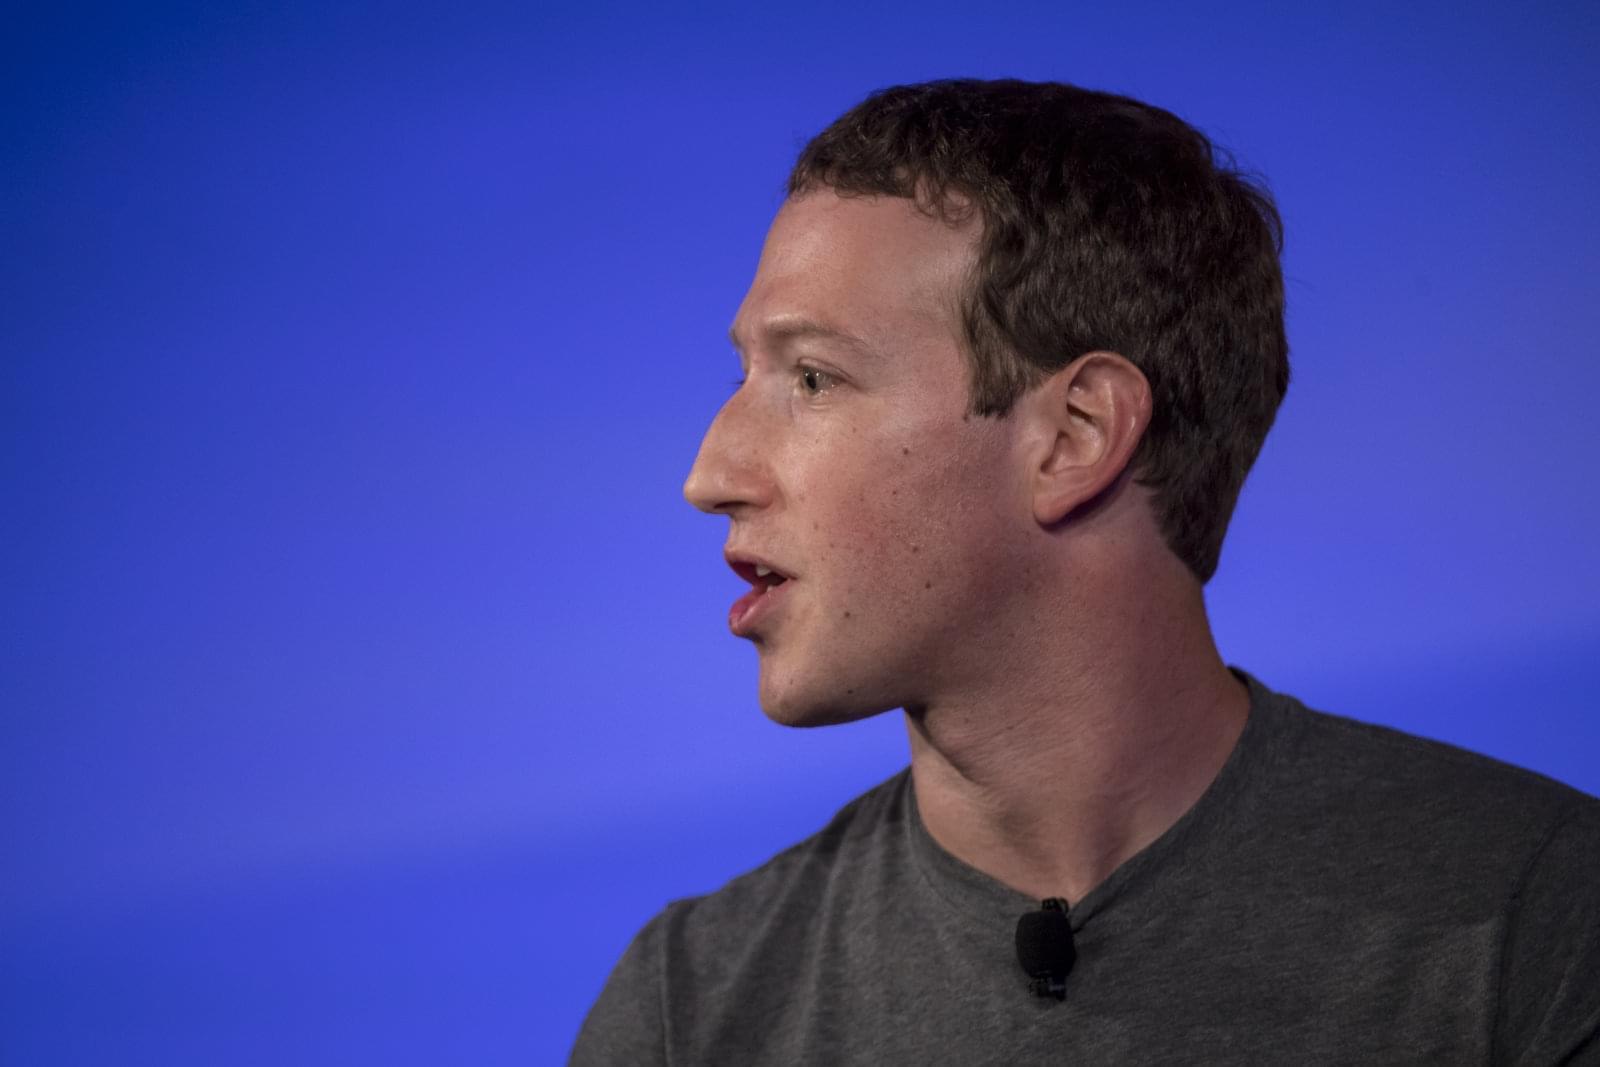 社交狂欢造成大选闹剧?小扎:FB超99%内容属实